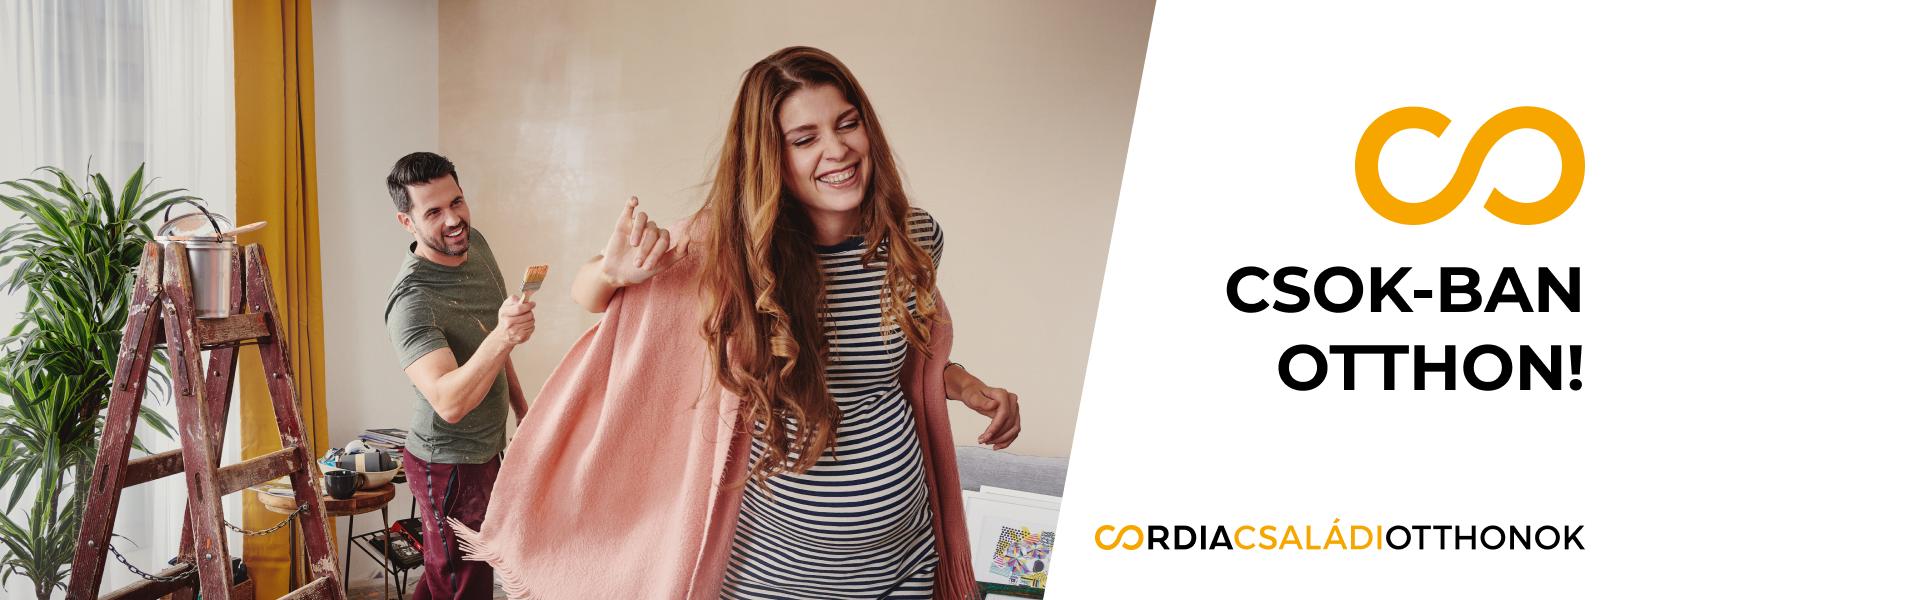 cordia_csaladi_otthonok_header